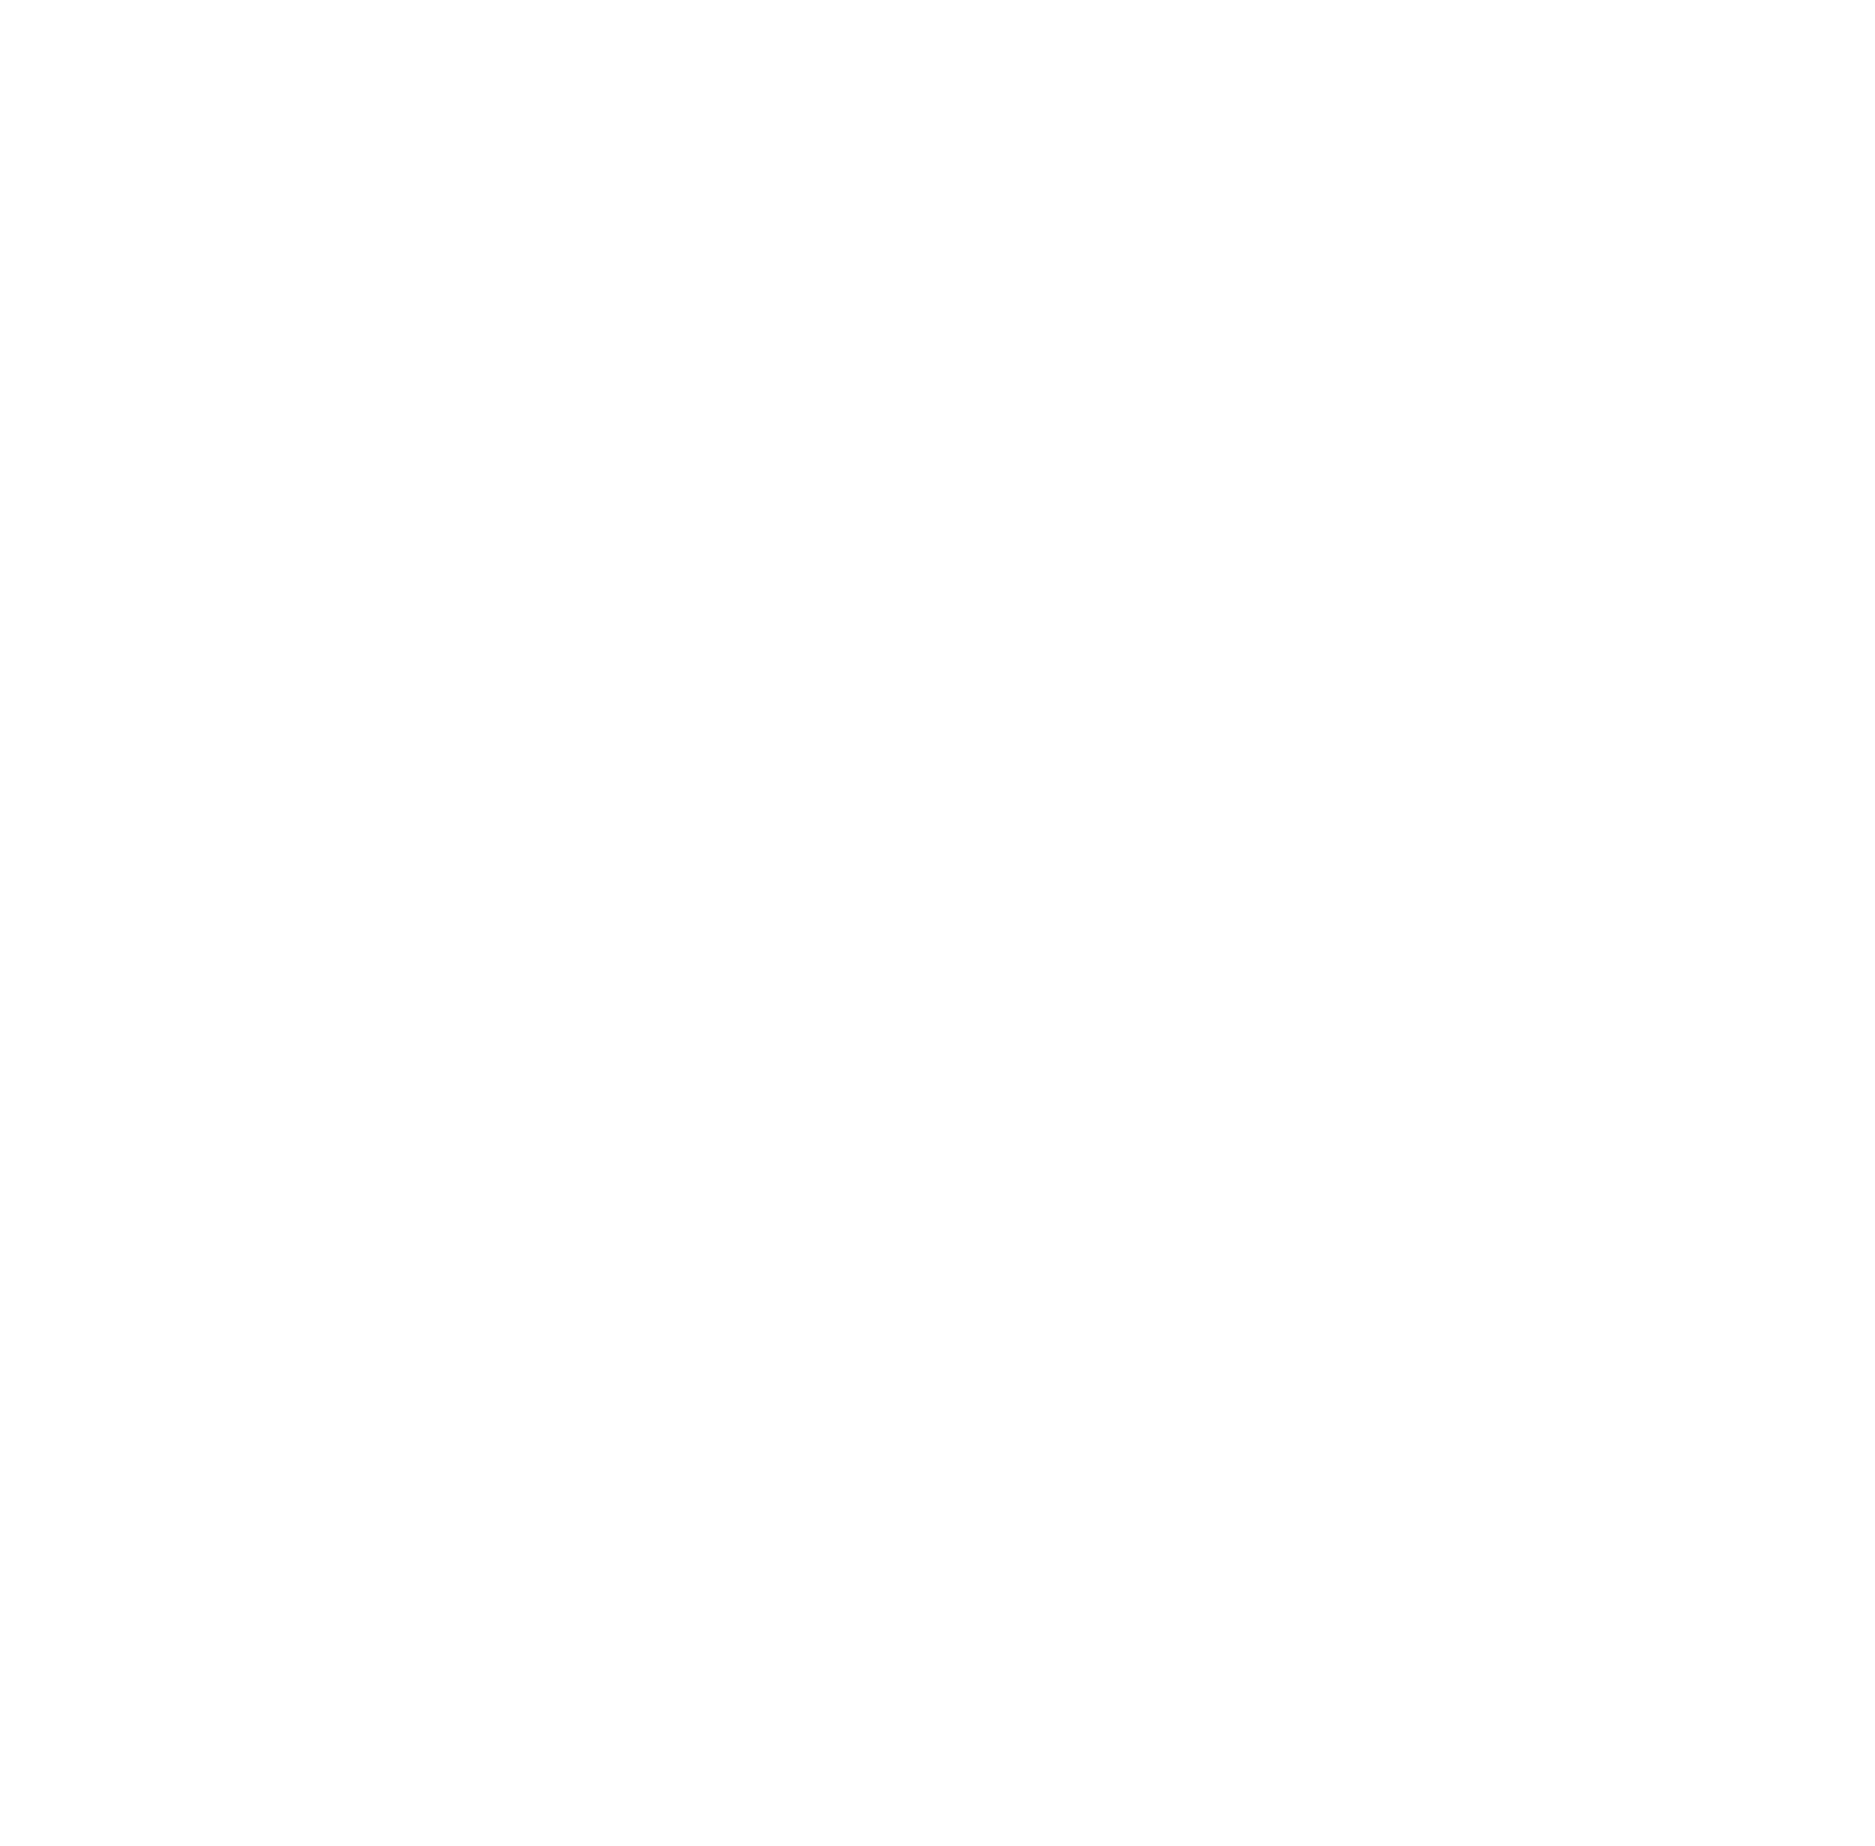 logo_brasseriek_2021 - BAR - blanc